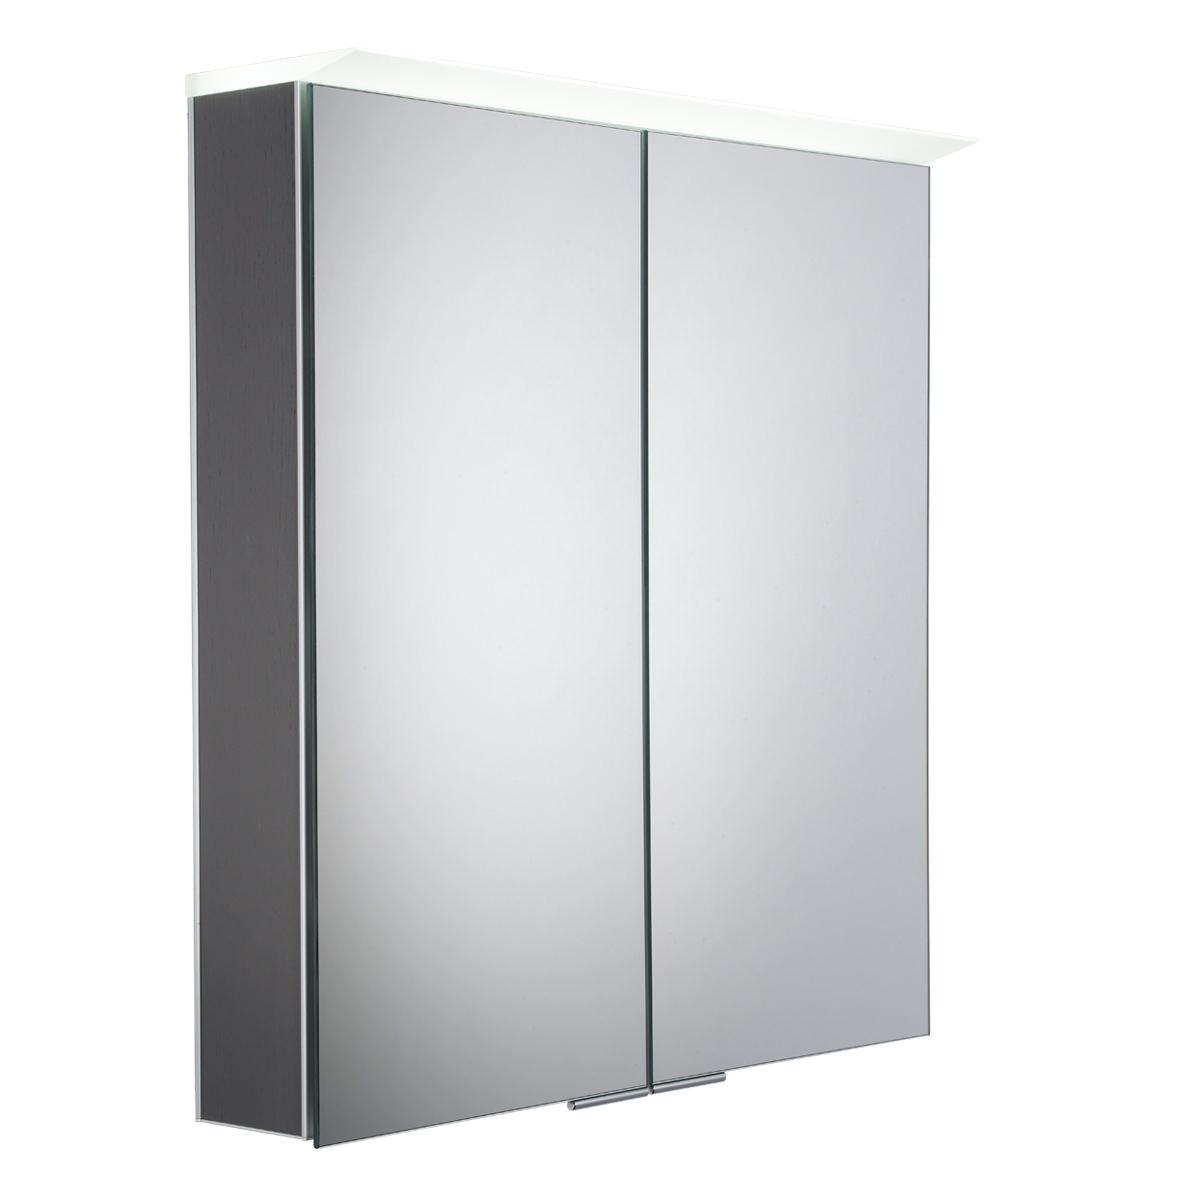 Roper Rhodes Visage Smoked Walnut Led Mirror Cabinet